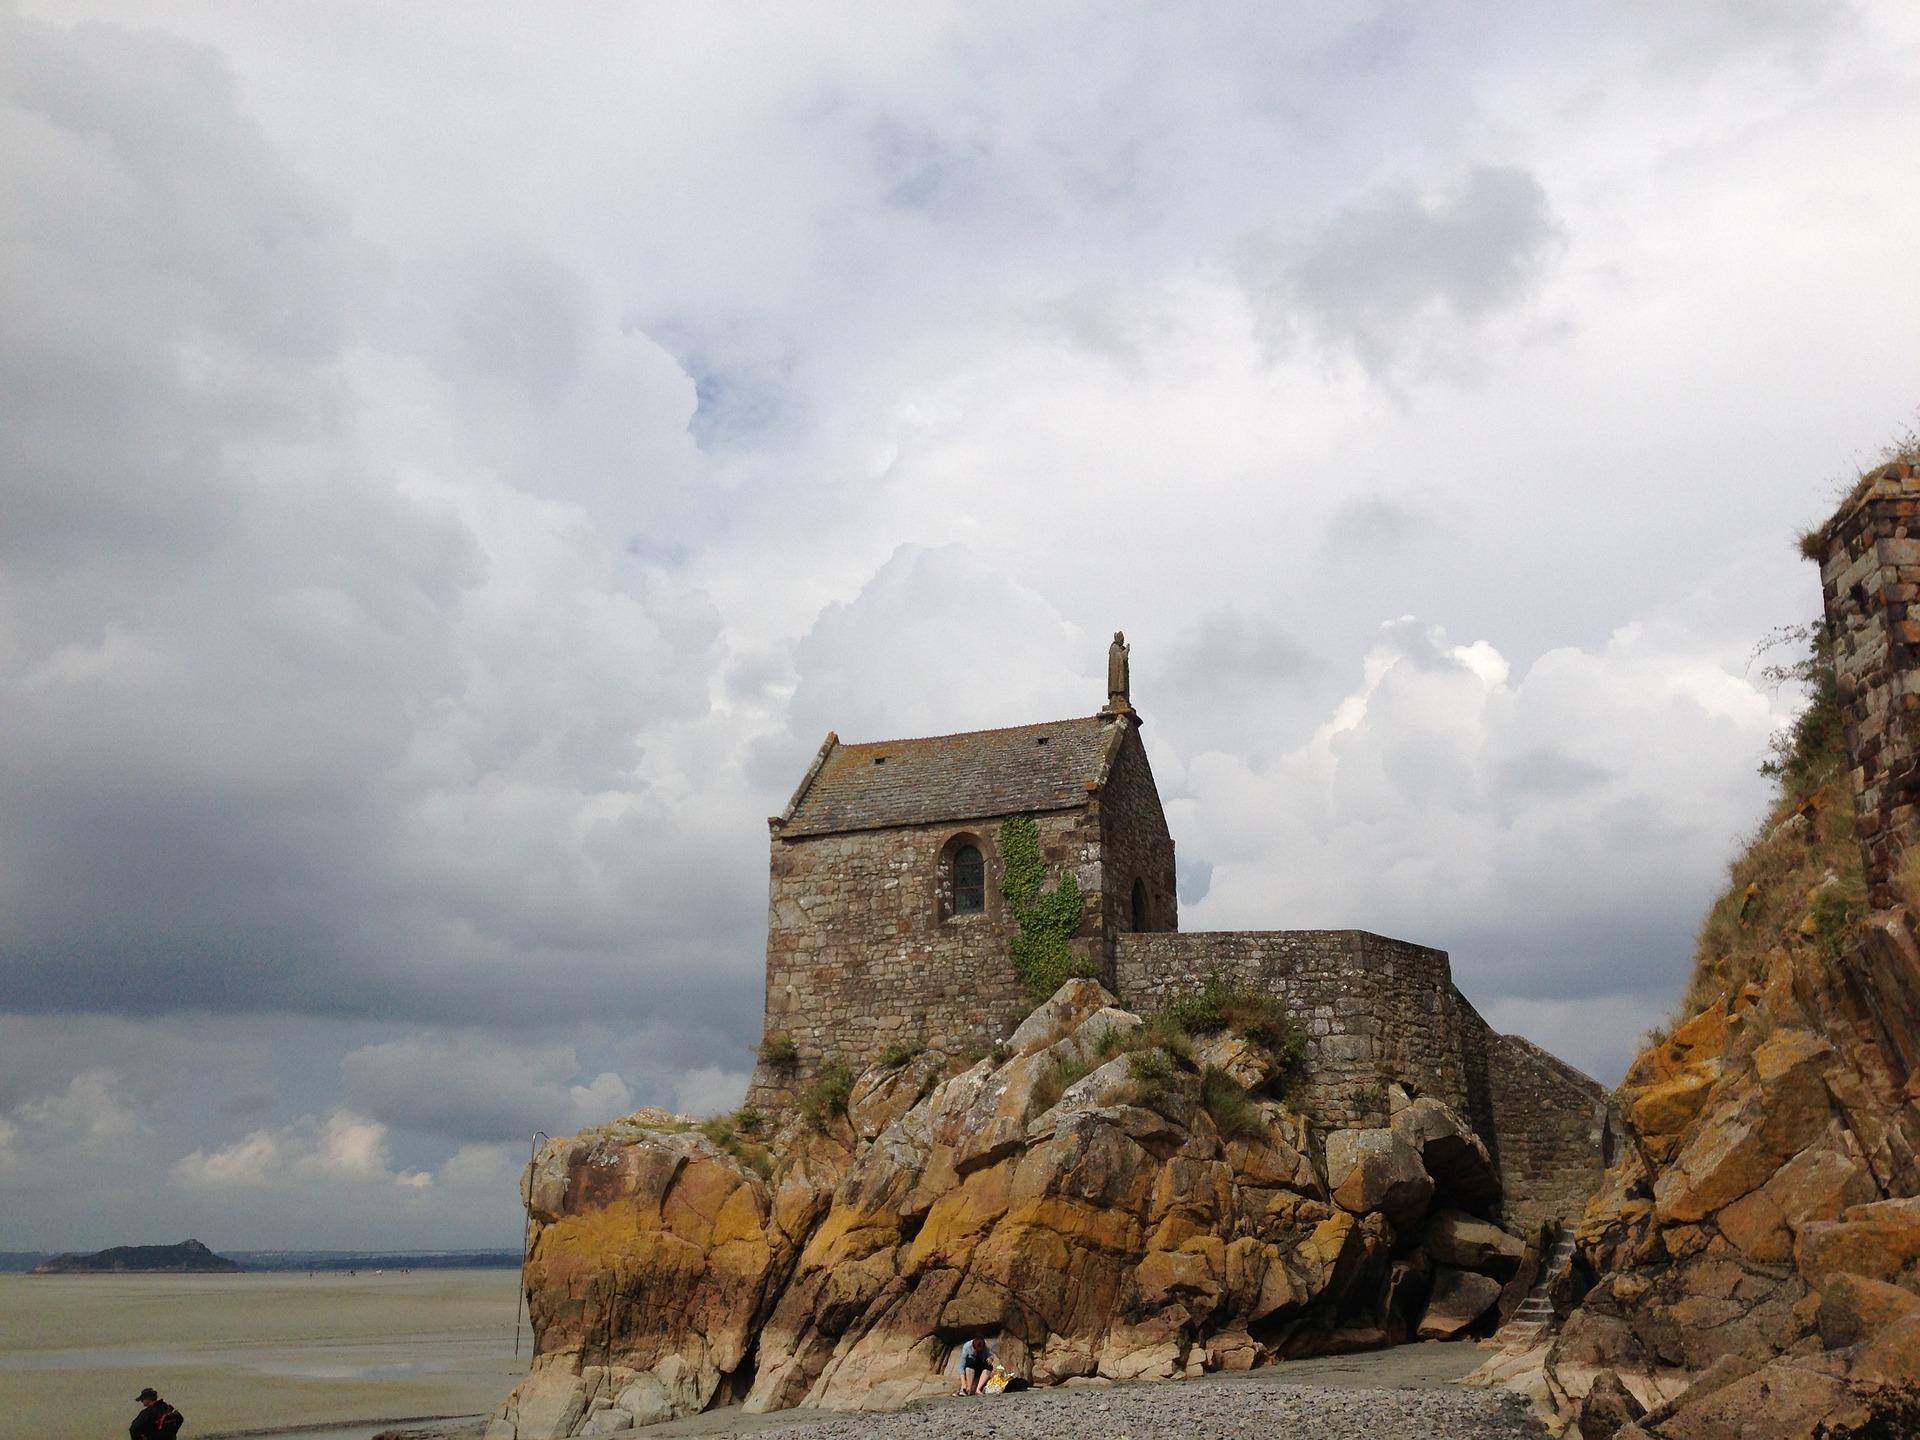 Linia ma swój początek w Irlandii, na pustynnej wyspie, gdzie św. Michał Archanioł objawił się św. Patrykowi. Tutaj też znajduje się pierwsze sanktuarium – Skała Michała